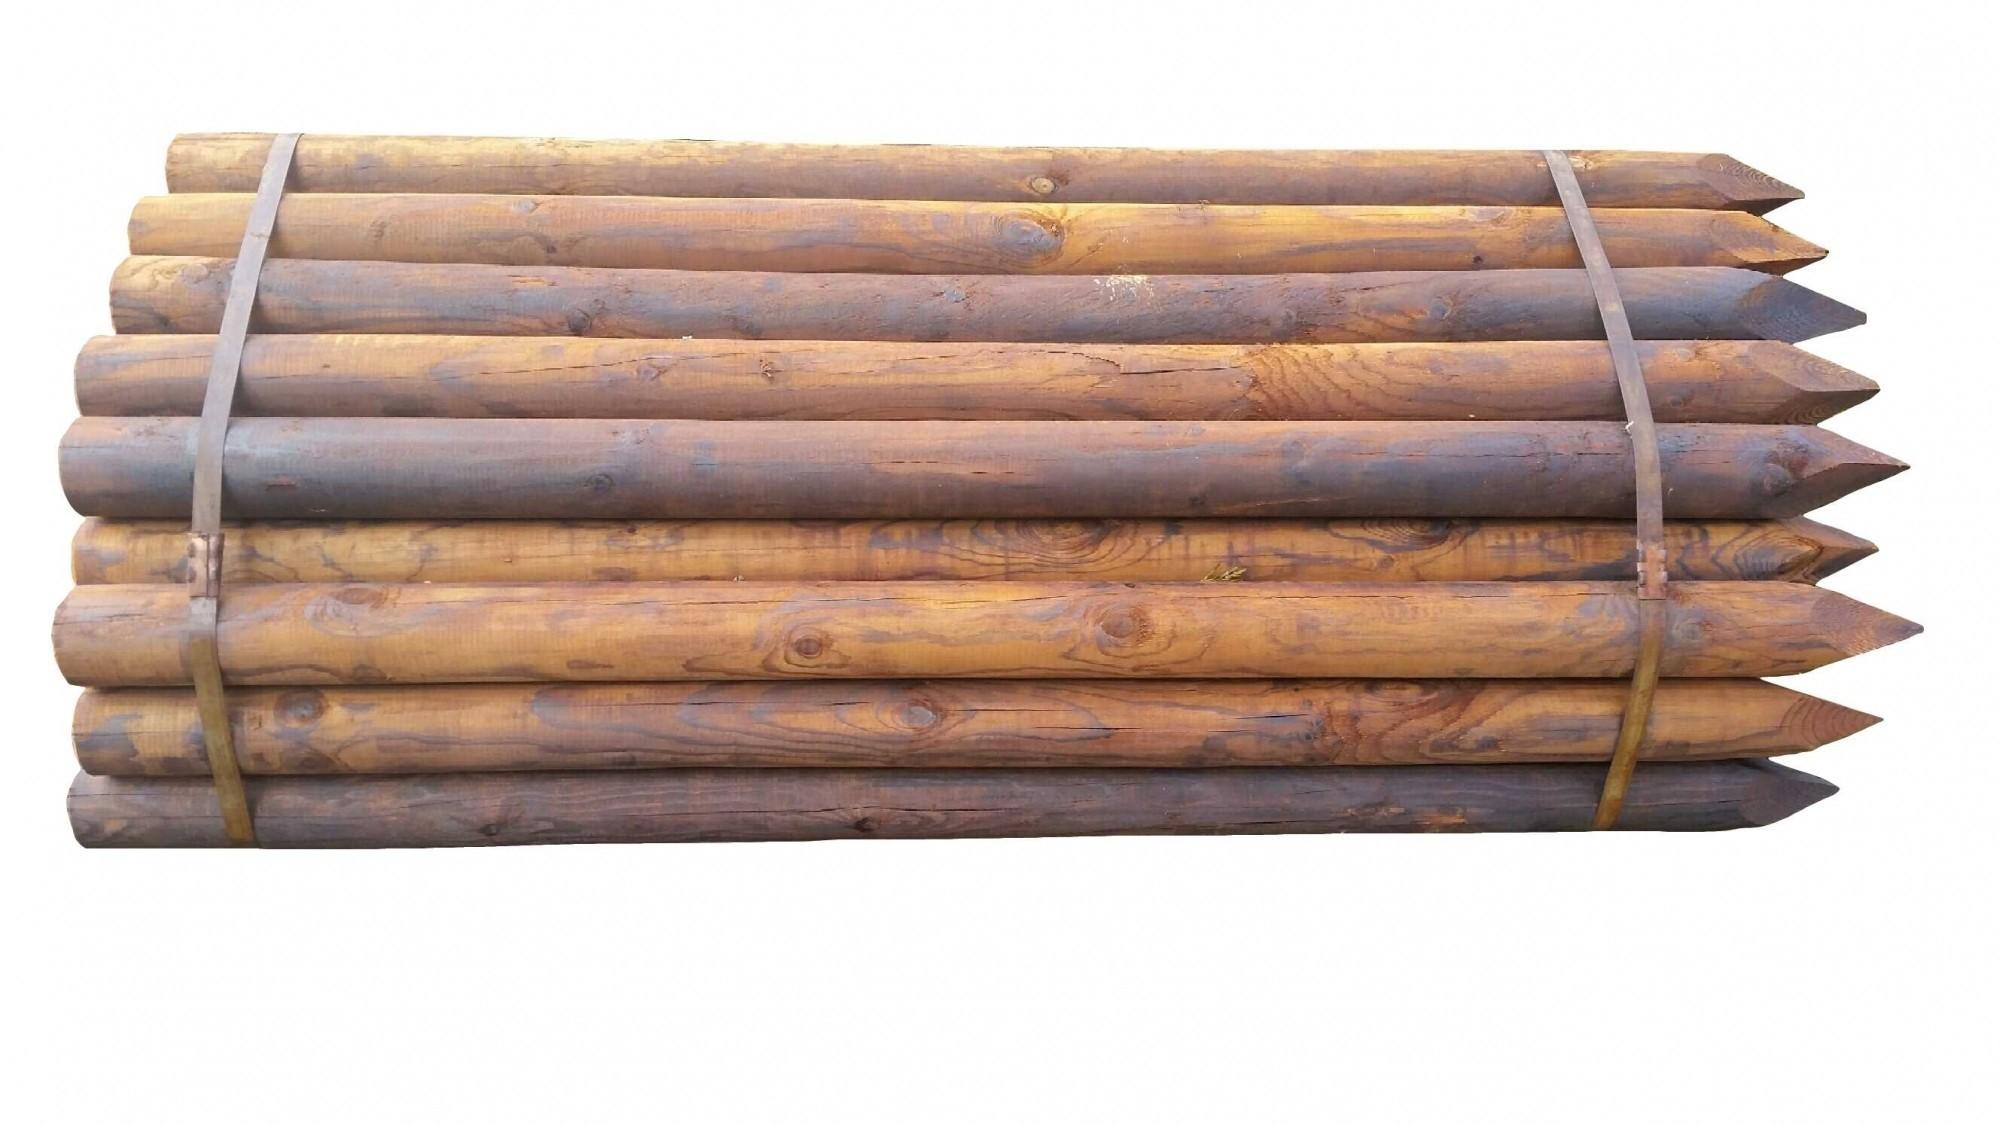 Houten paal Gecreosoteerd 120x6.5cm rondgefreesd